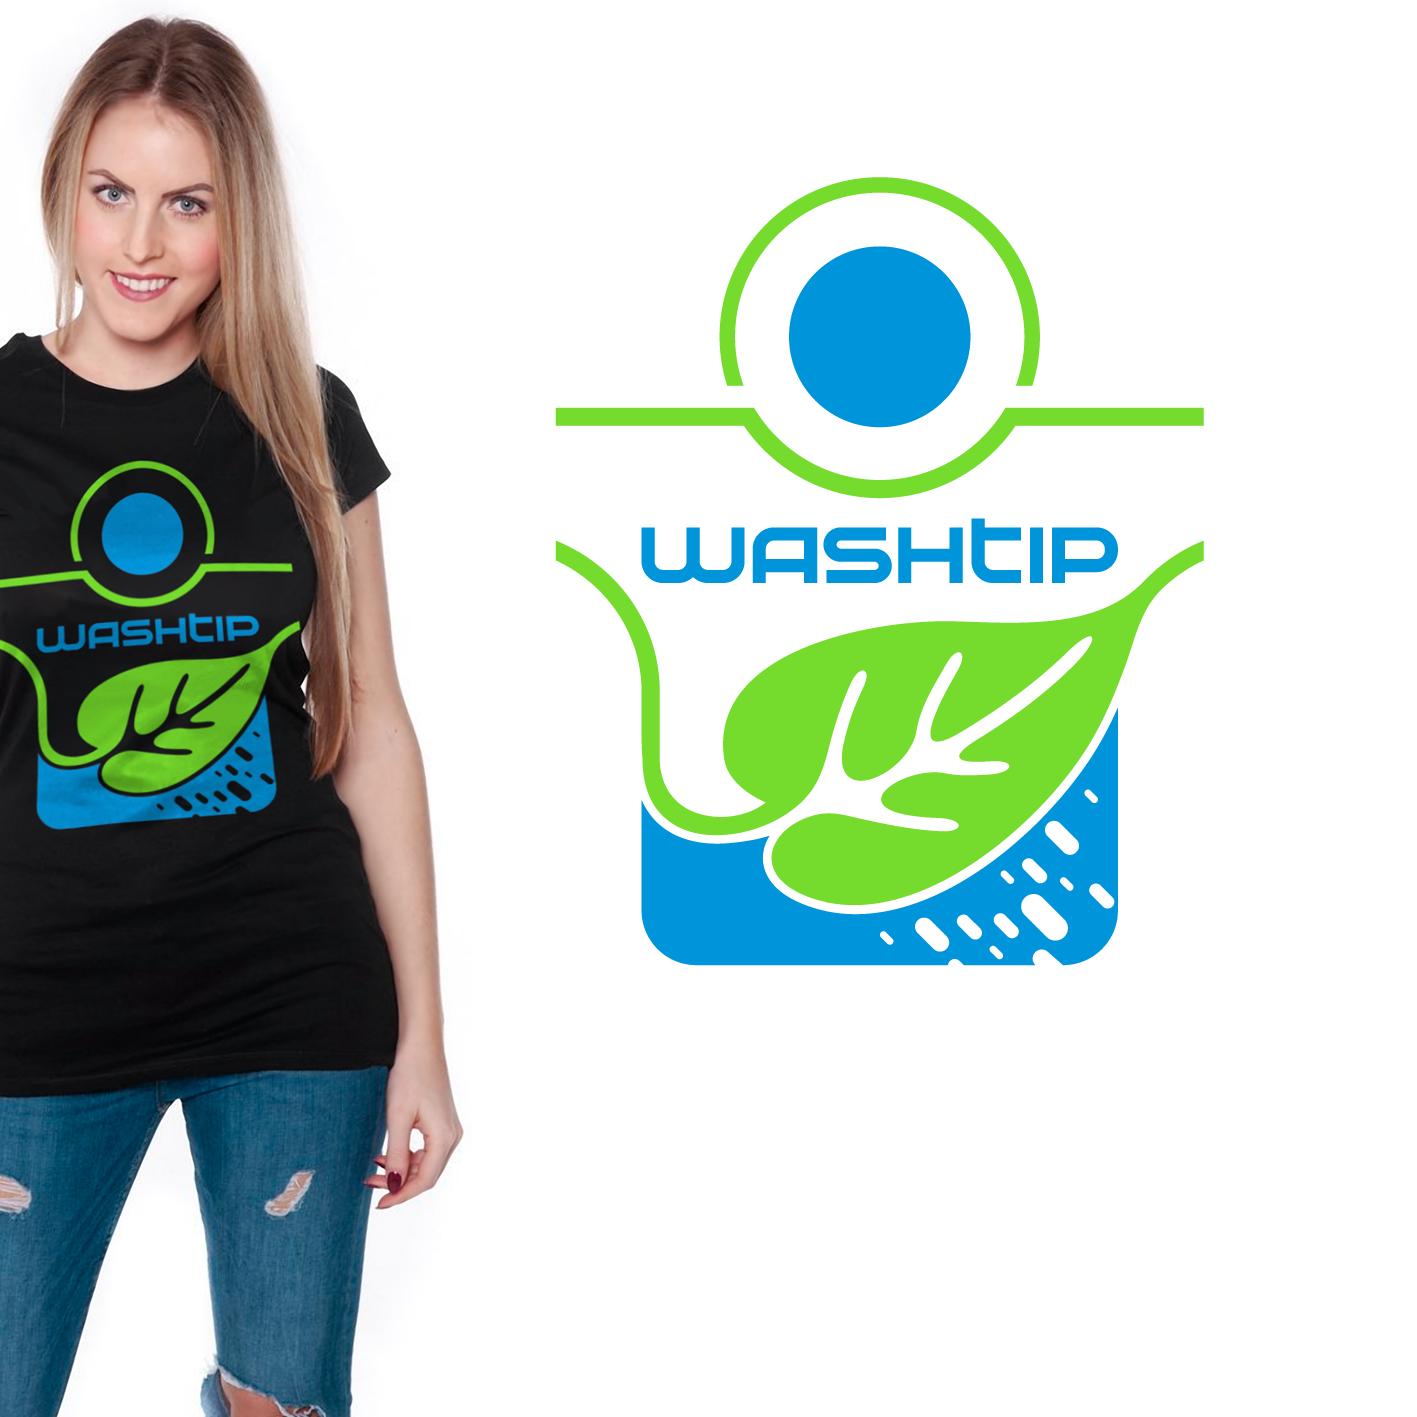 Разработка логотипа для онлайн-сервиса химчистки фото f_1145c0786d888bdd.png